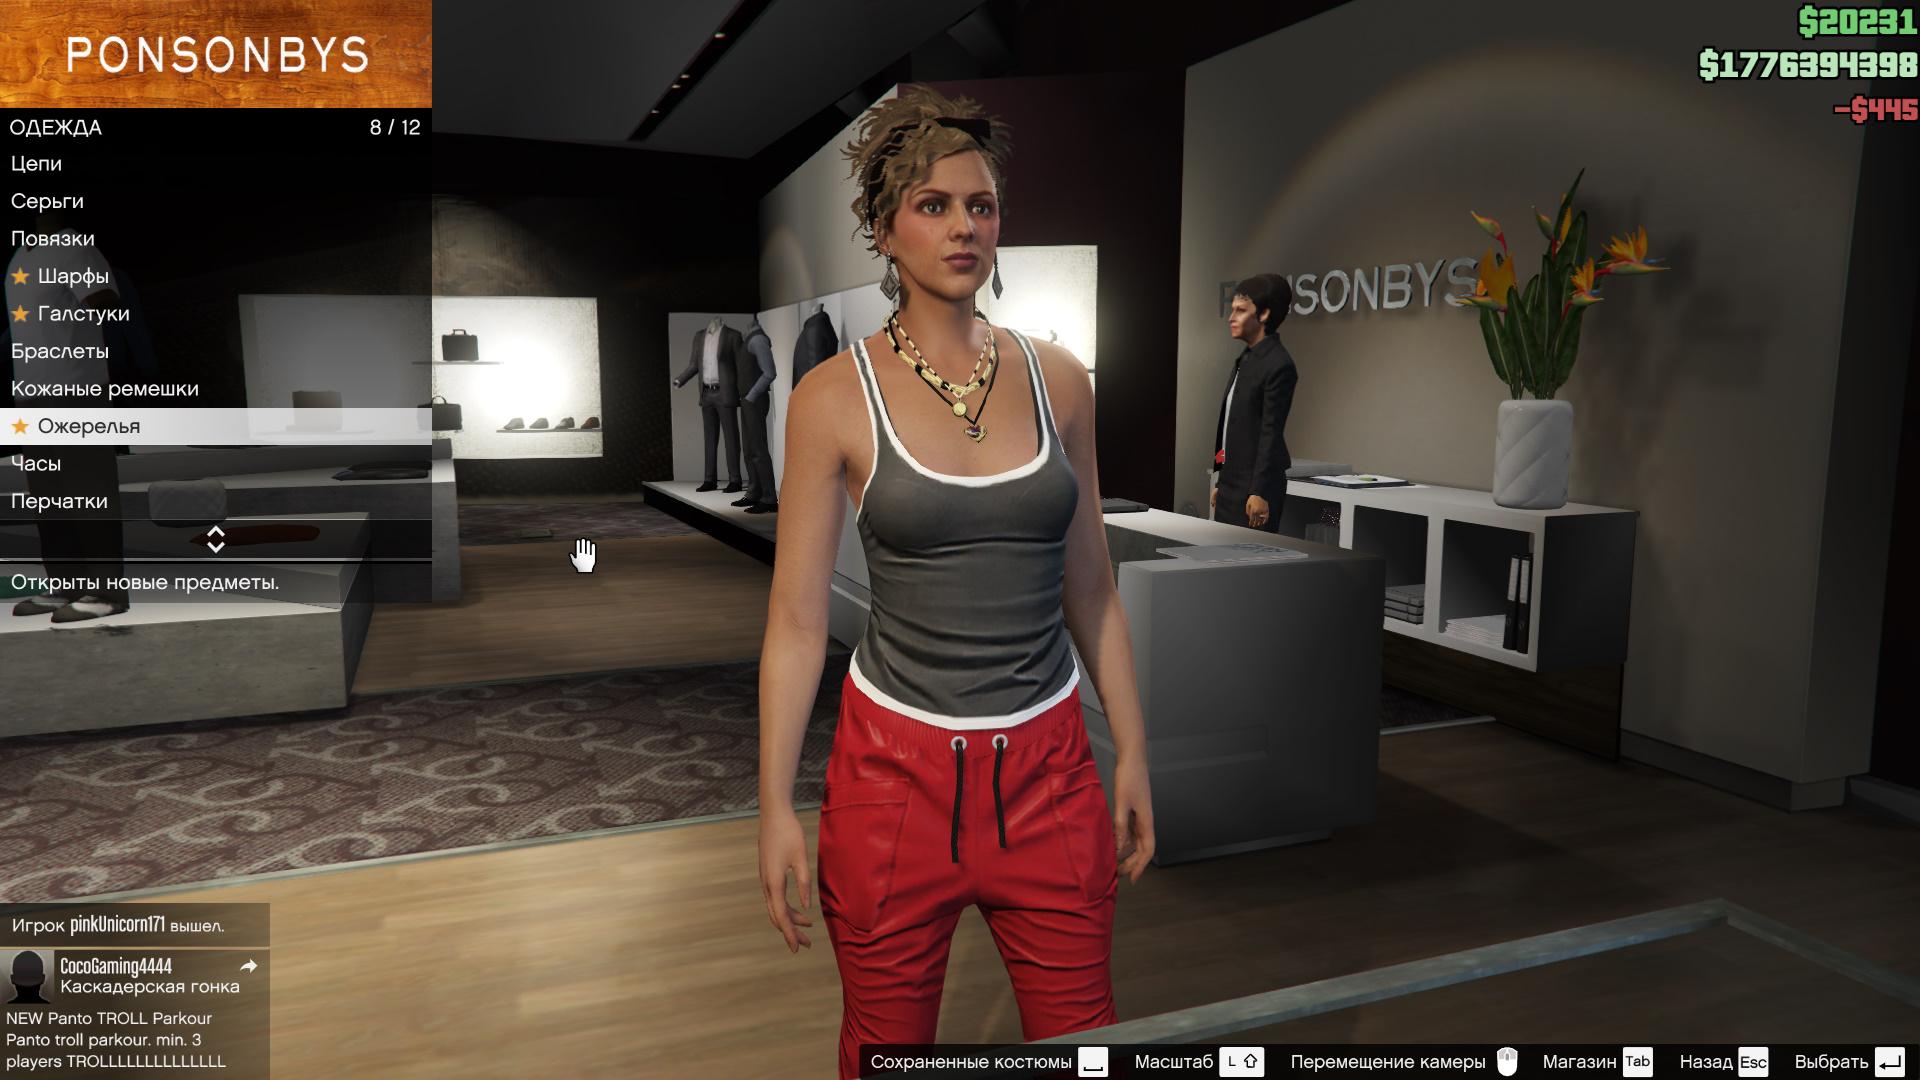 GTA5 2017-04-14 18-55-14-887.jpg - Grand Theft Auto 5 Открытый мир